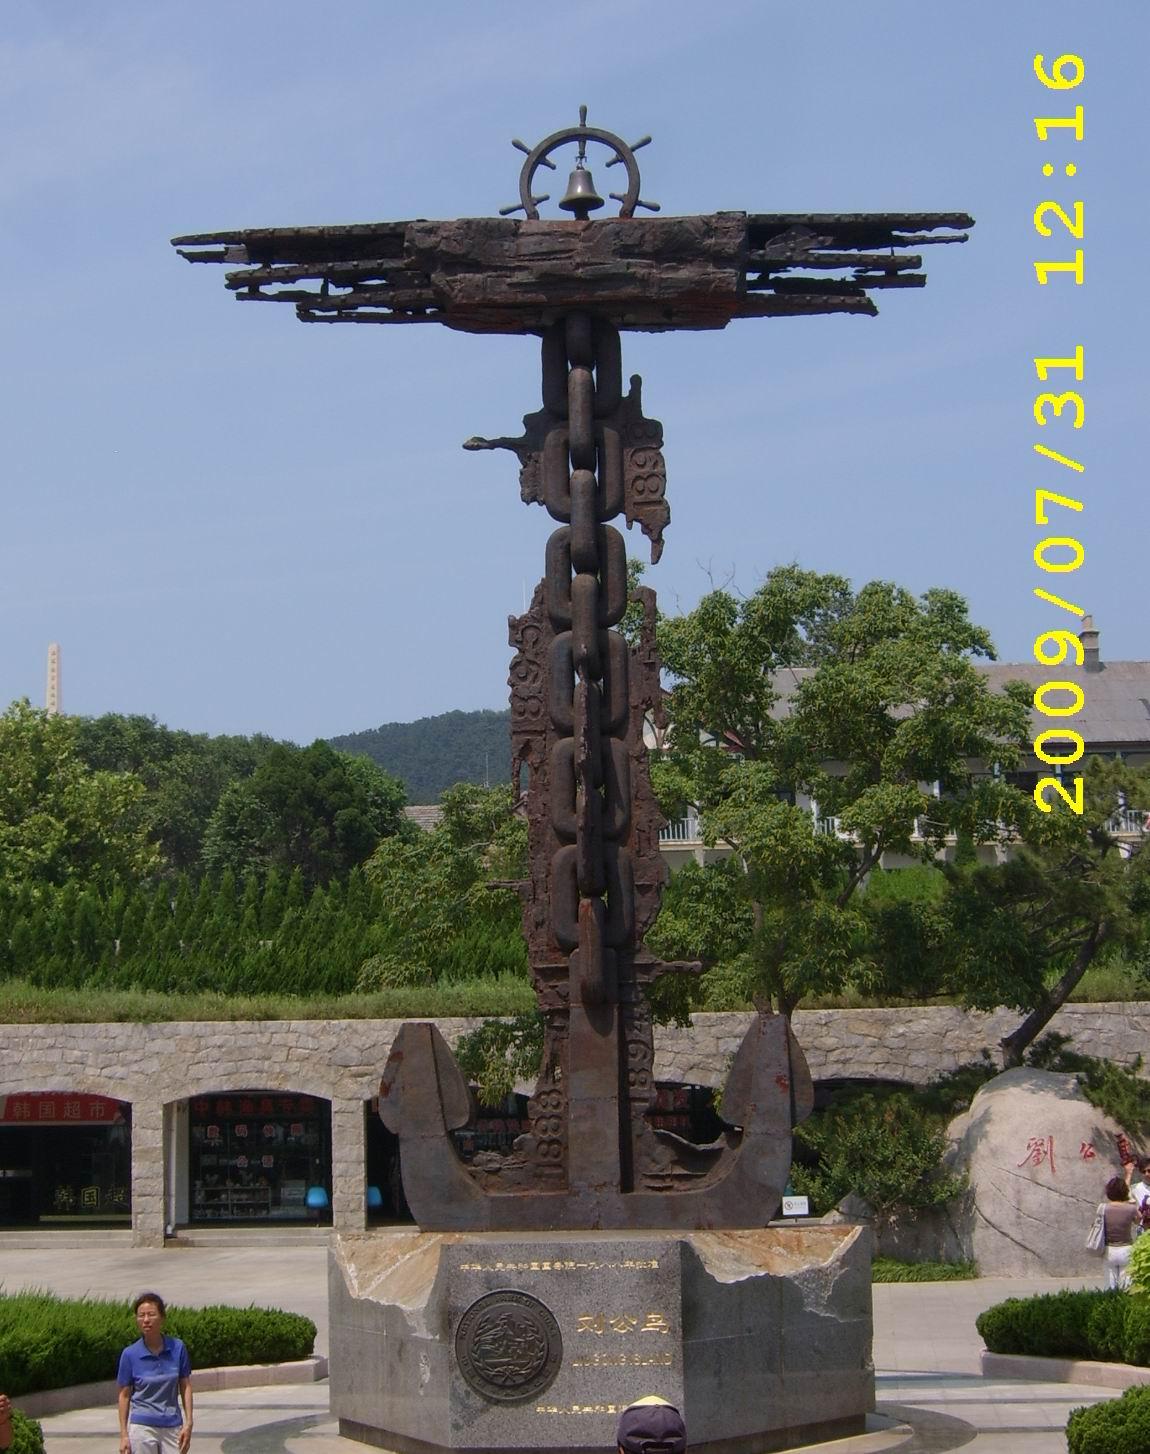 刘公岛标志性雕塑-----铁锚